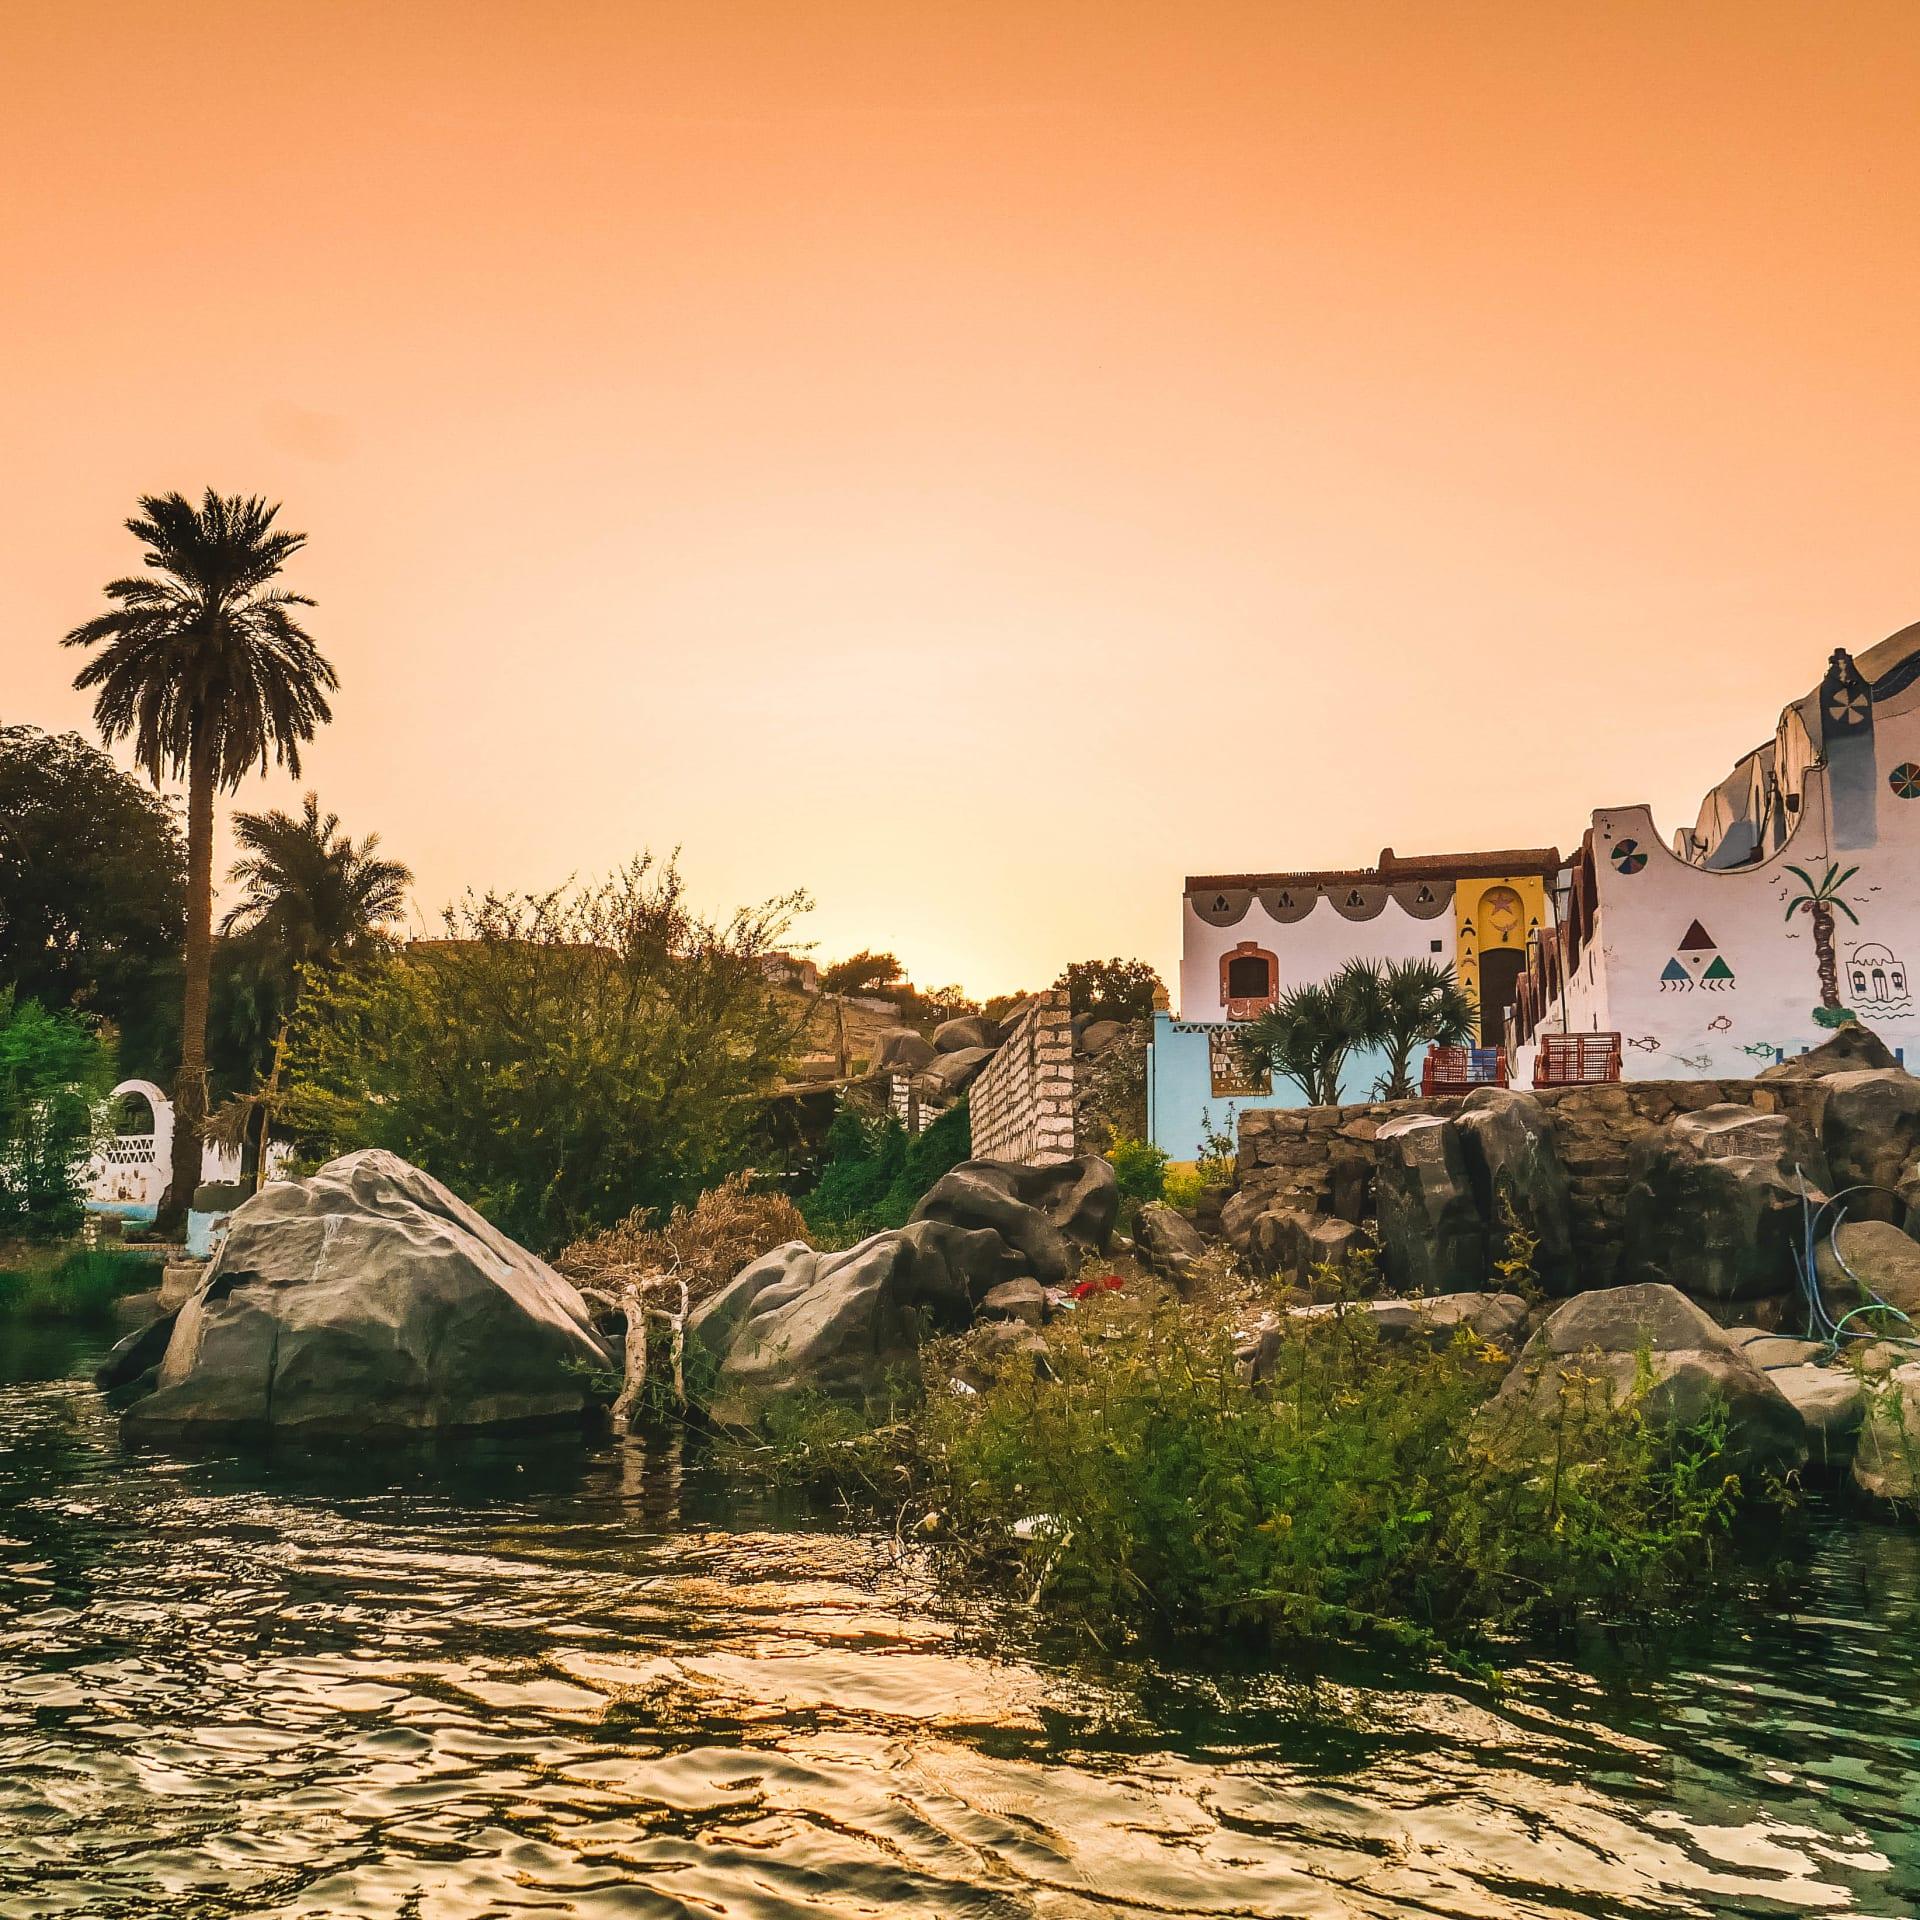 قرية غرب سهيل النوبية في أسوان